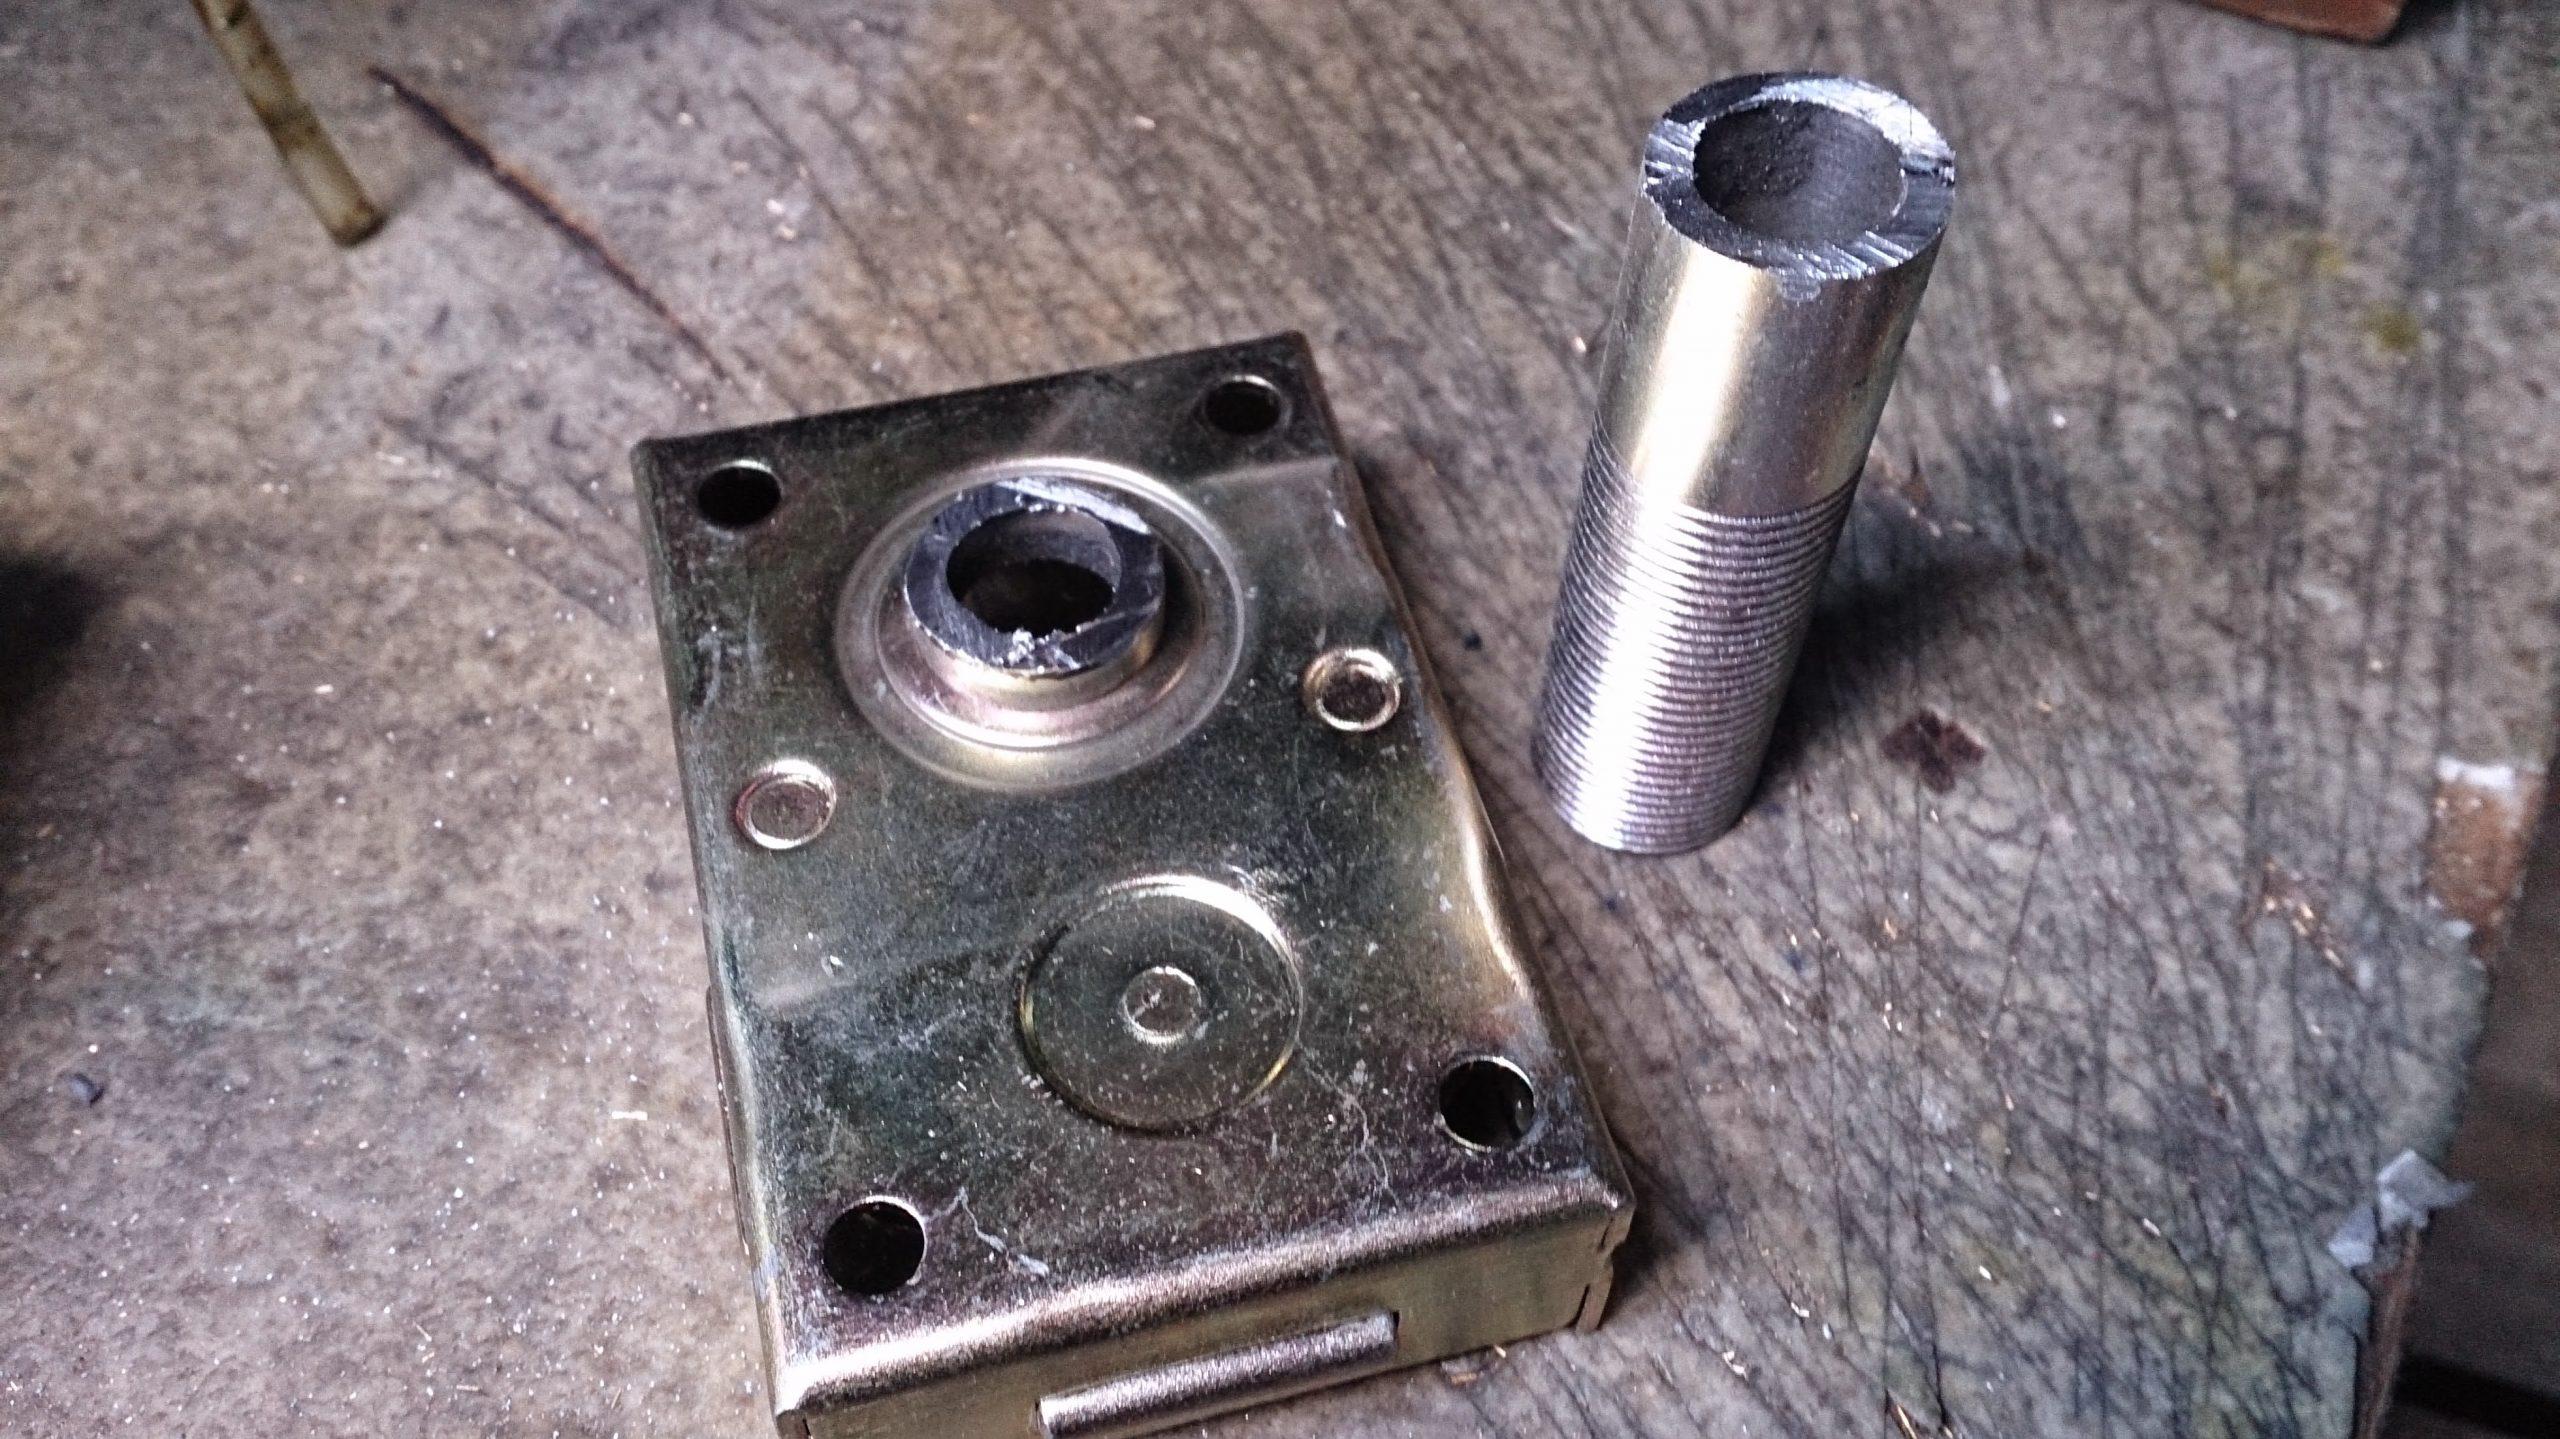 新品の業務用ダイヤル錠(エール錠)の軸が通る筒を豪快にぶった切ります。切った後にうまく取付けできなかったら目も当てられないな・・・